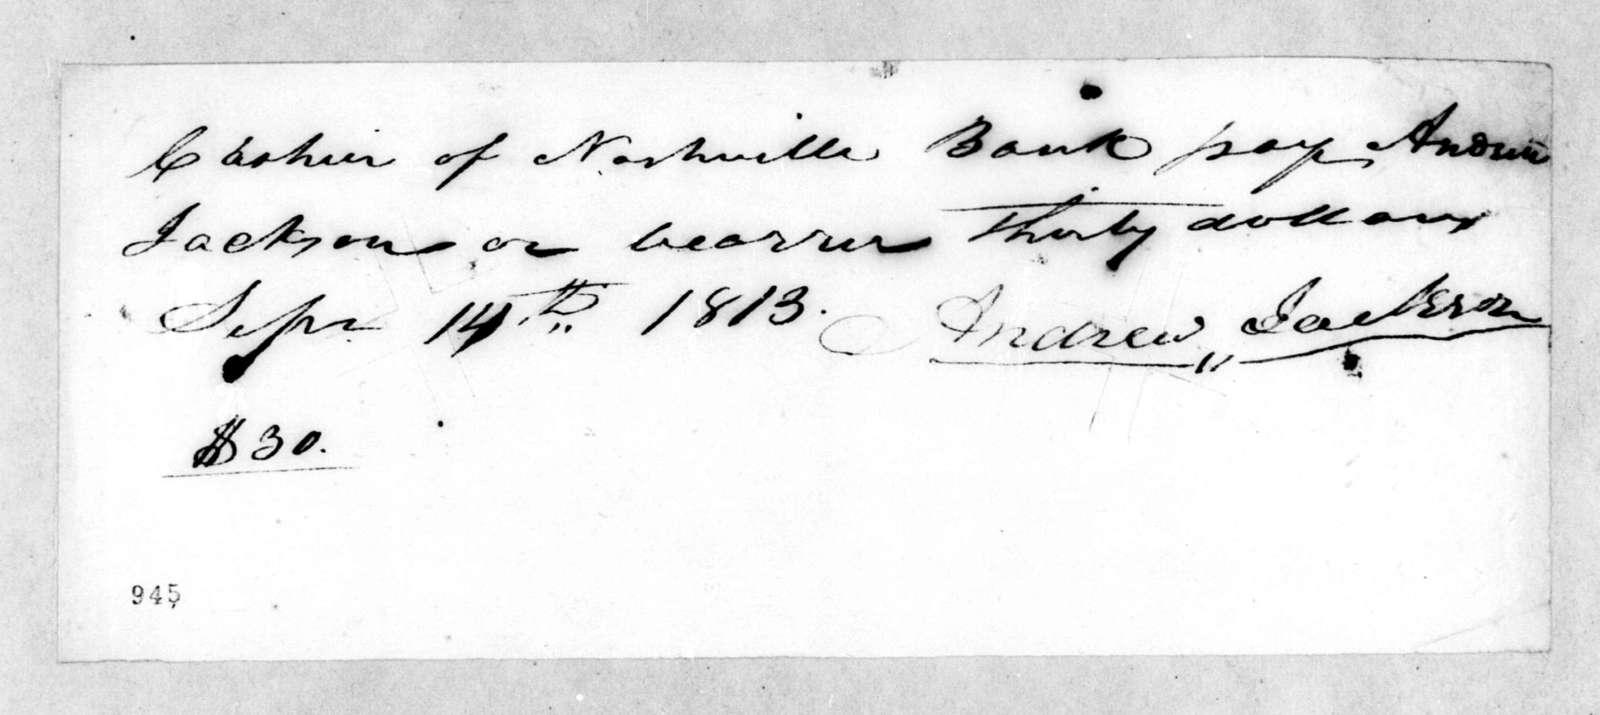 Andrew Jackson to Nashville Bank, September 14, 1813